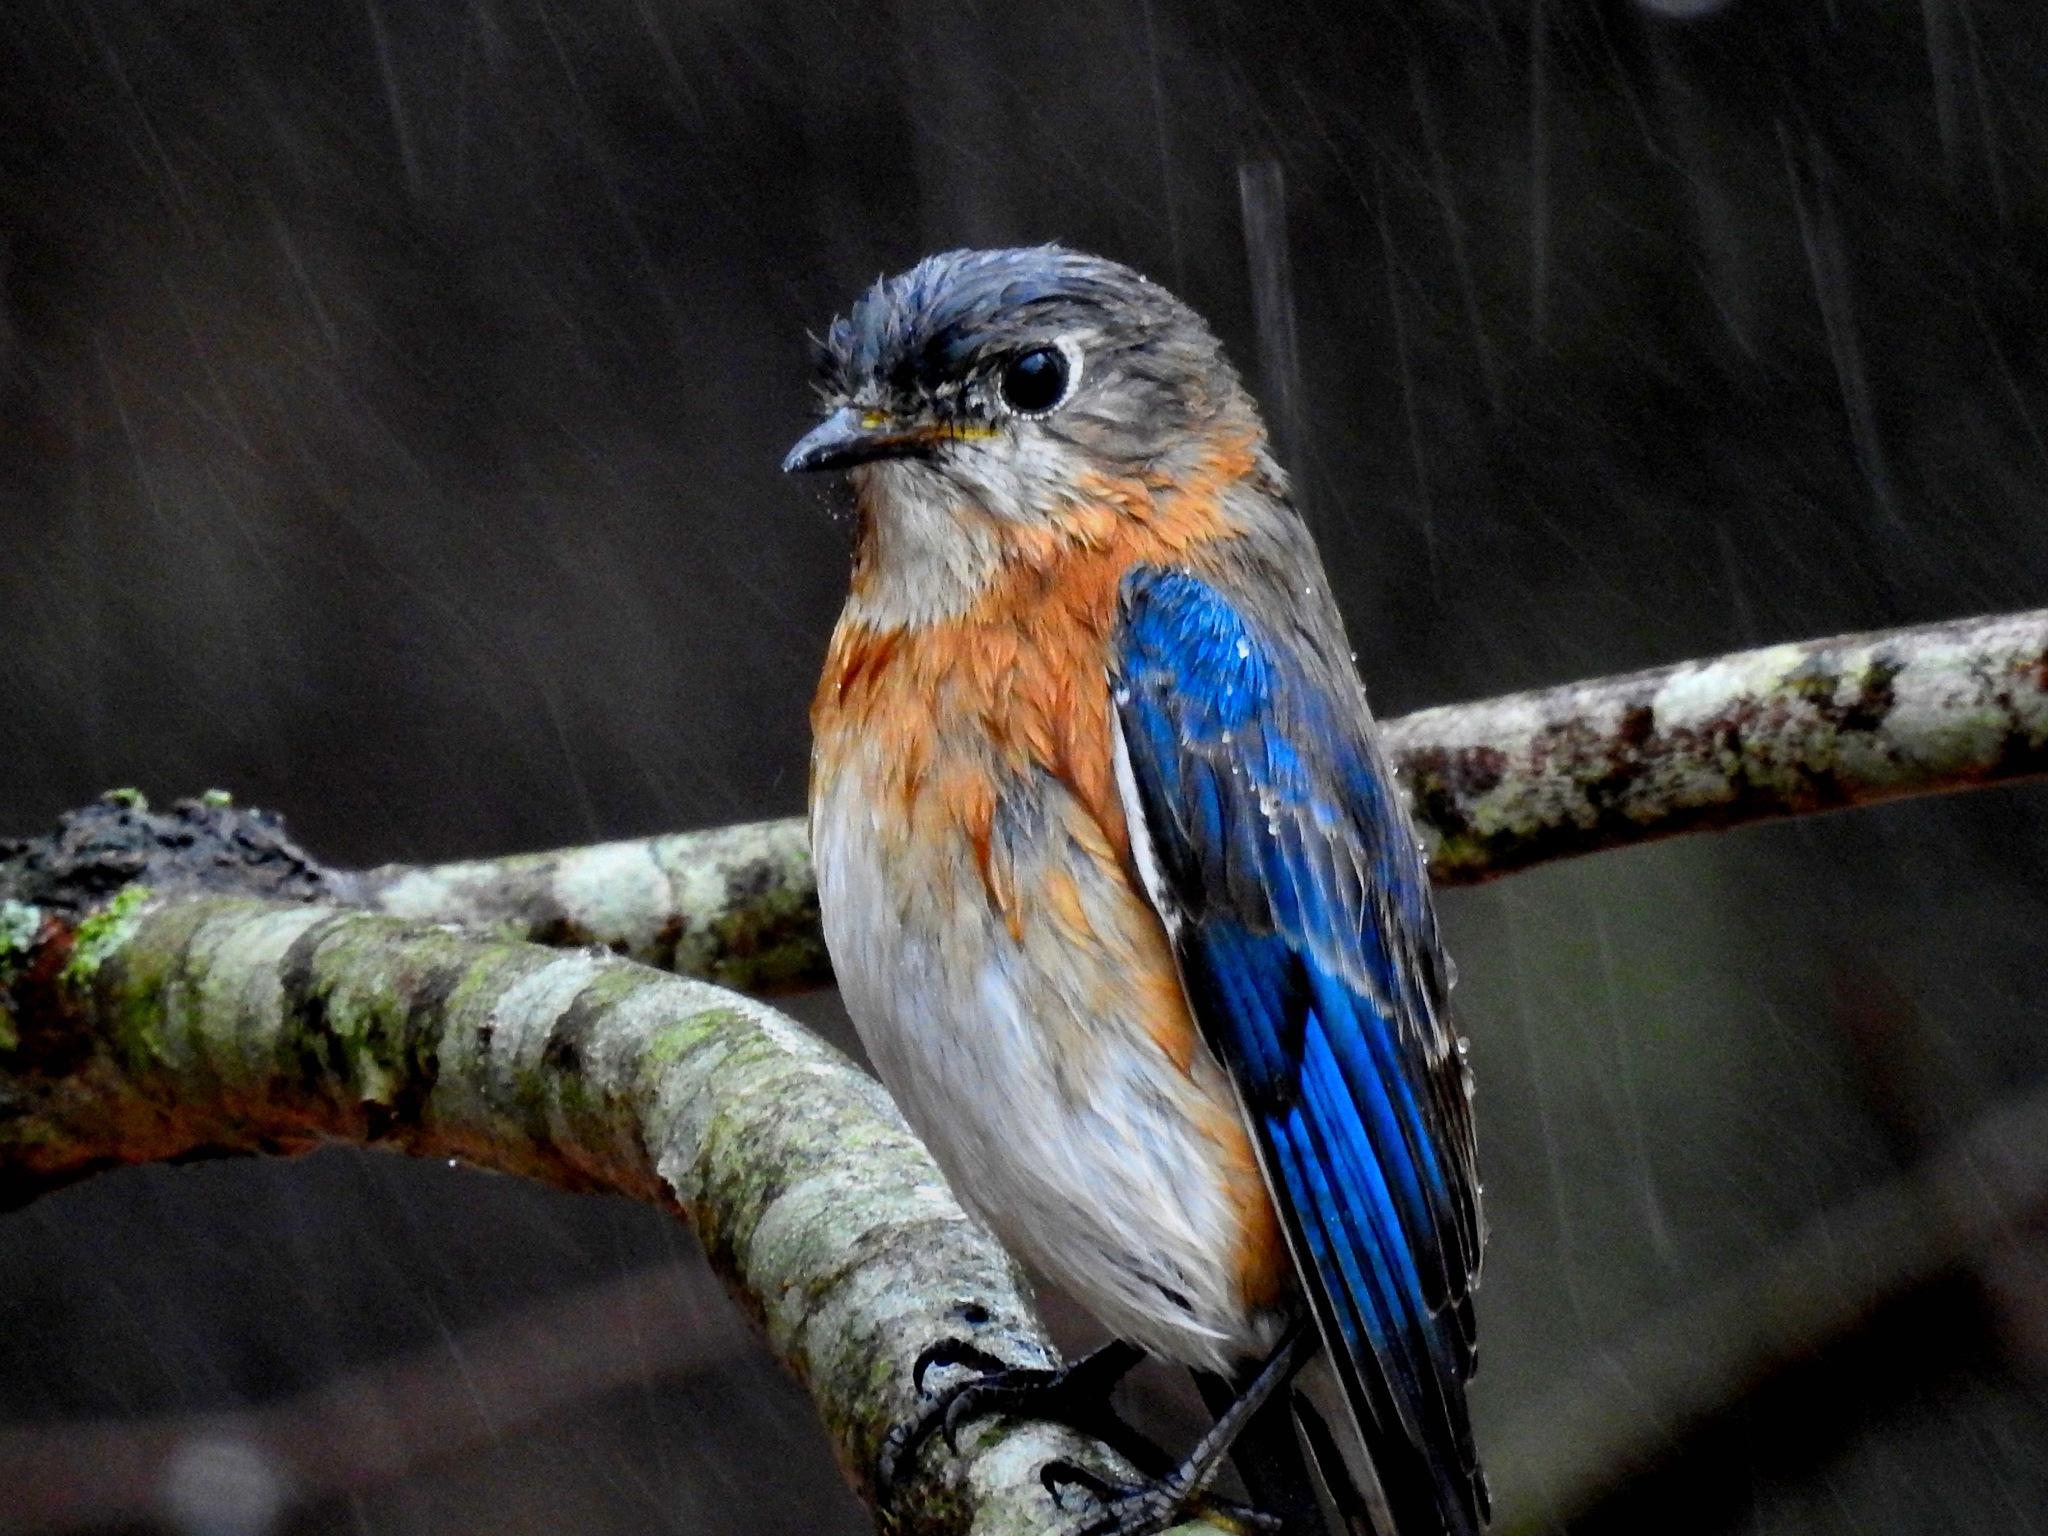 Rainy Day Bluebird by Patty Stockton